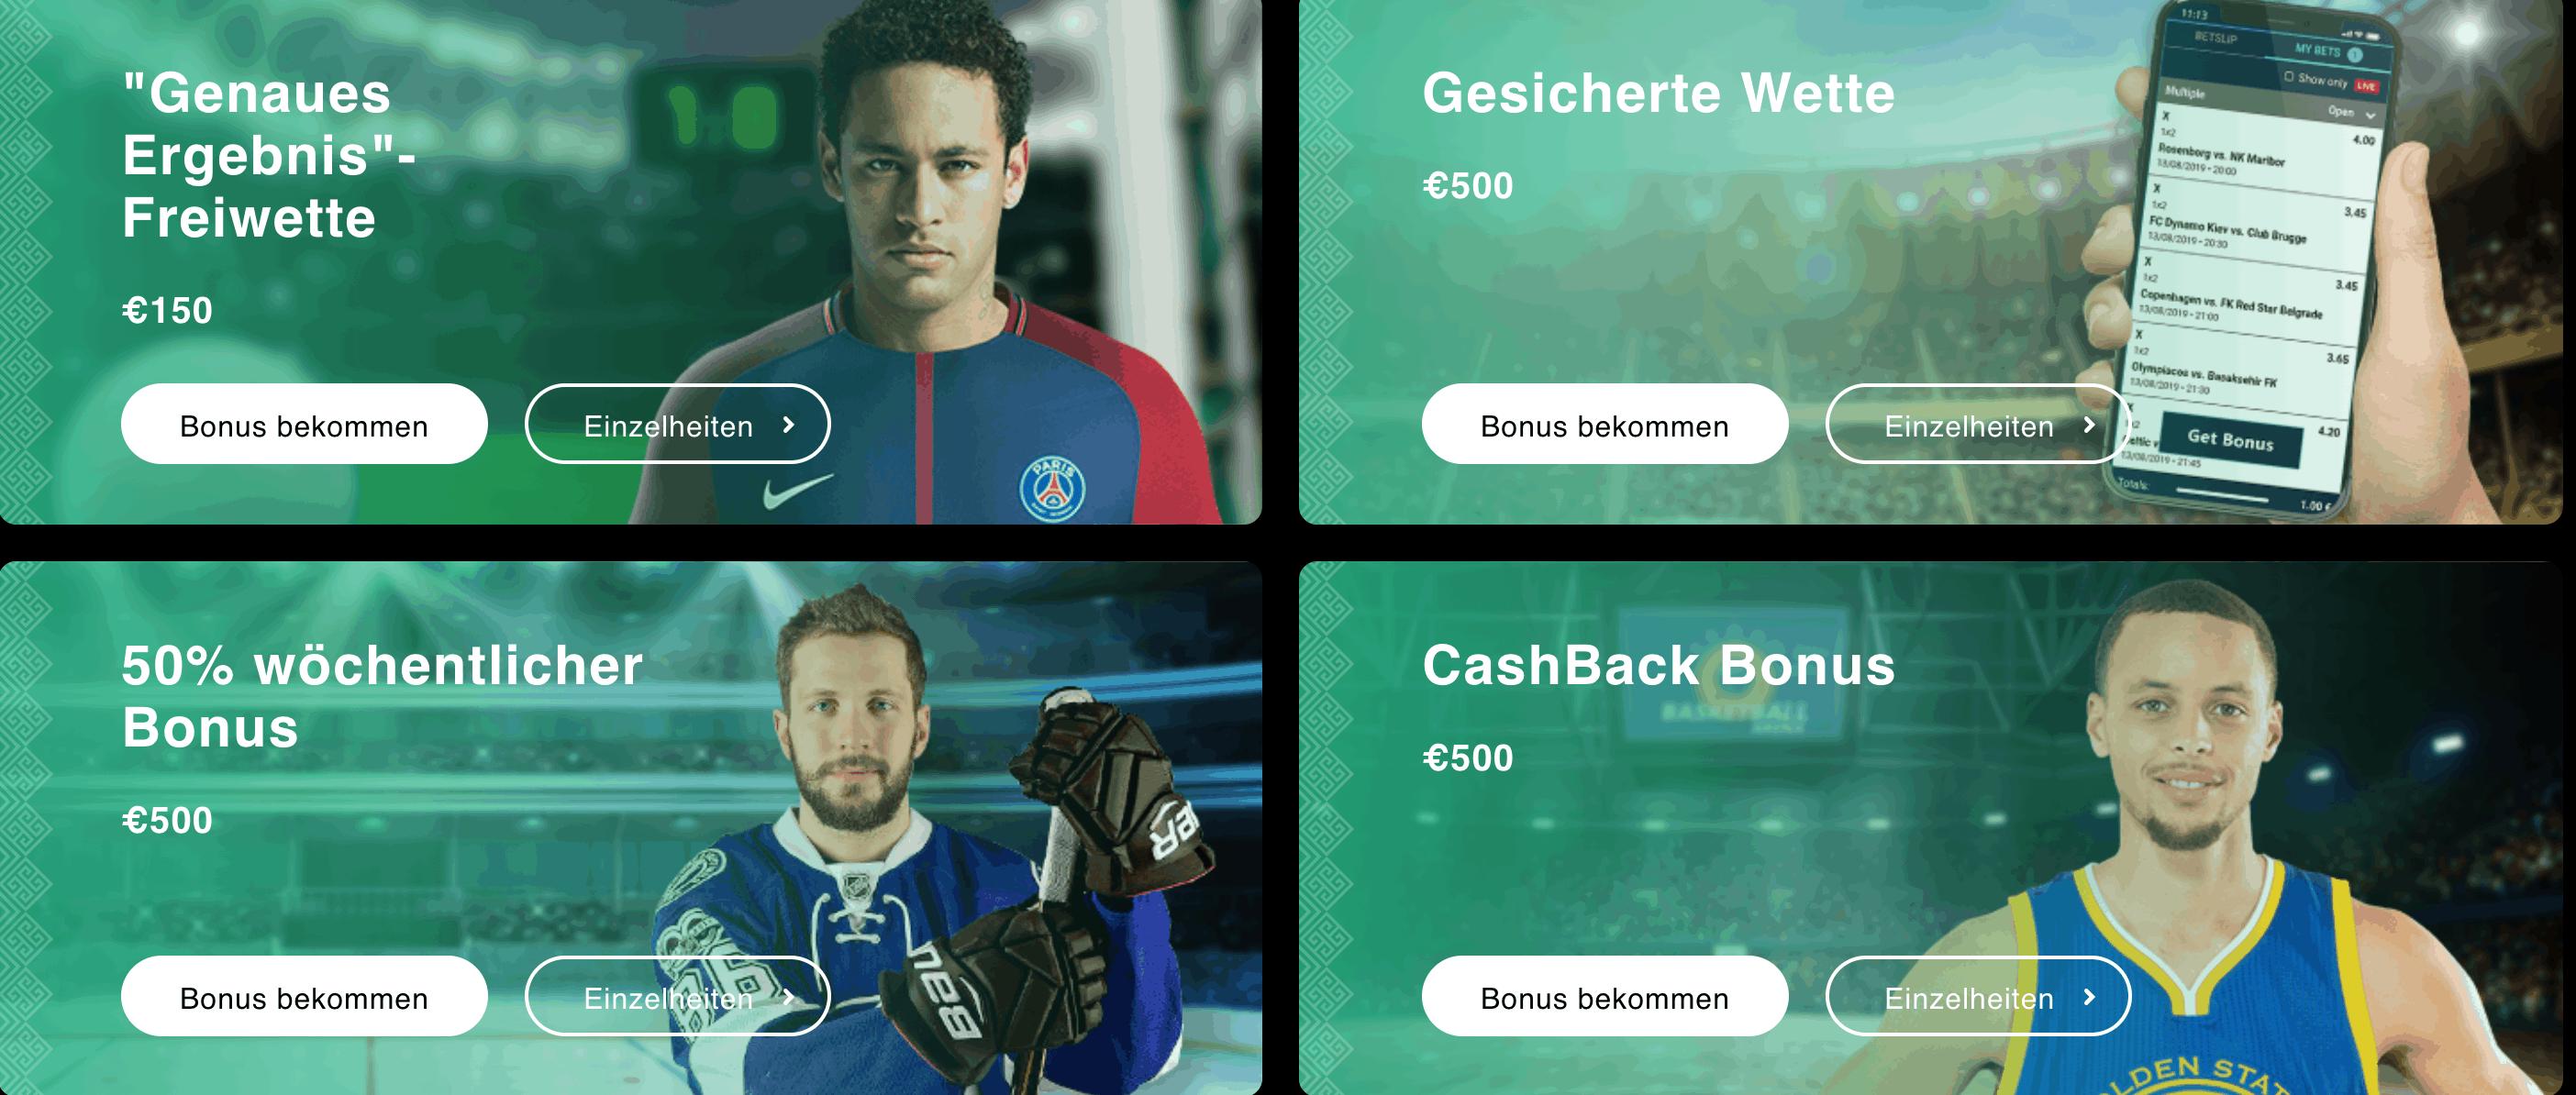 Librabet Bonusangebot